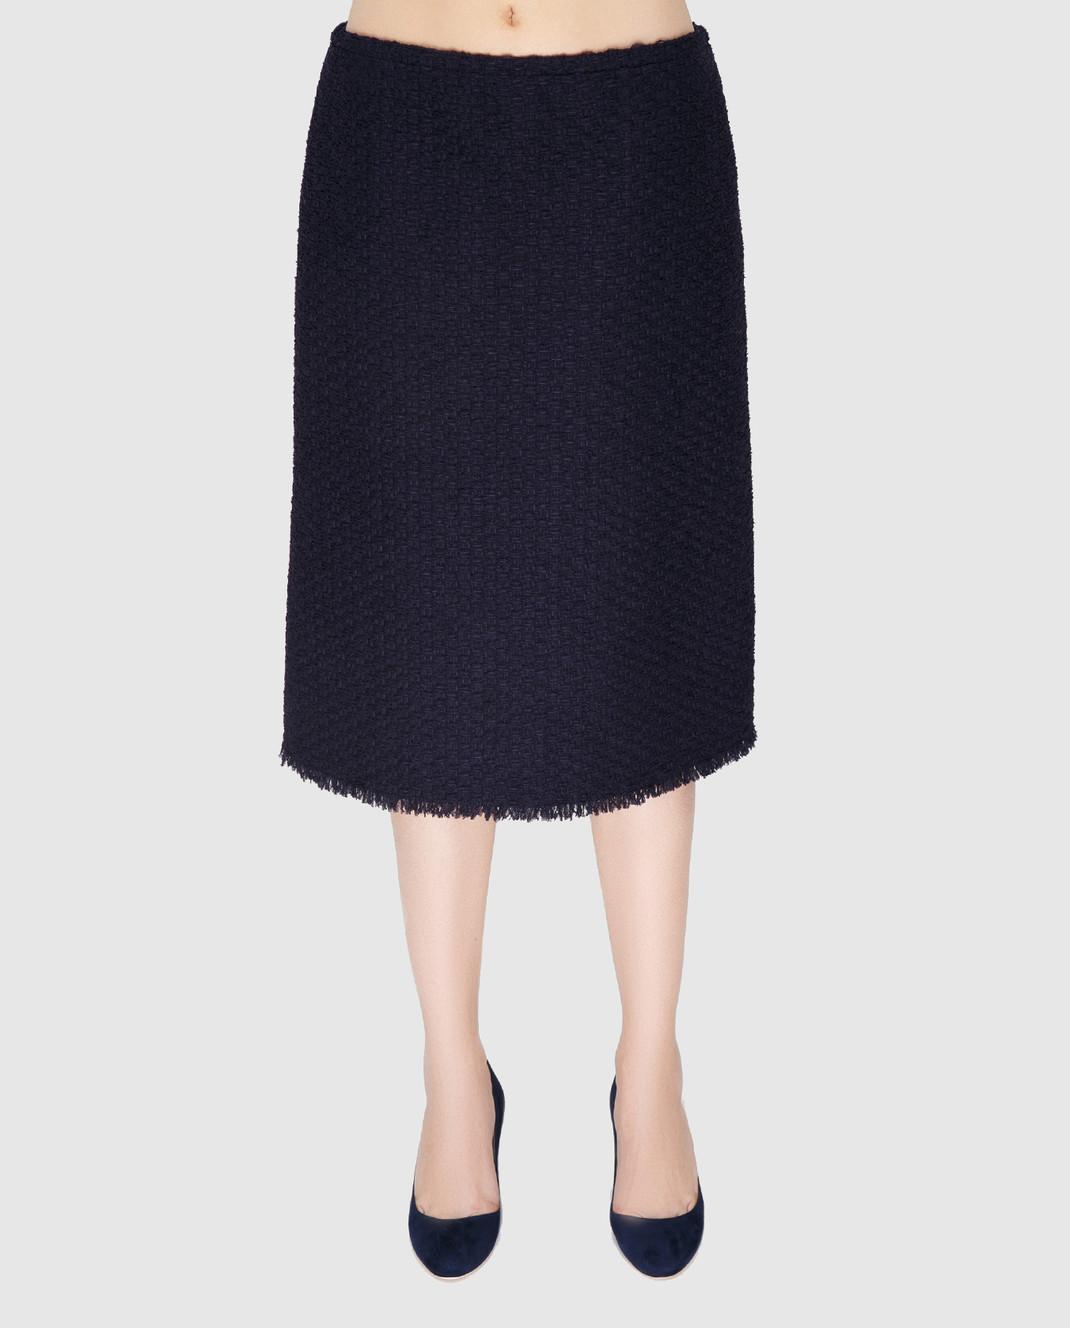 NINA RICCI Темно-синяя юбка 17PCJU023PA0341 изображение 3